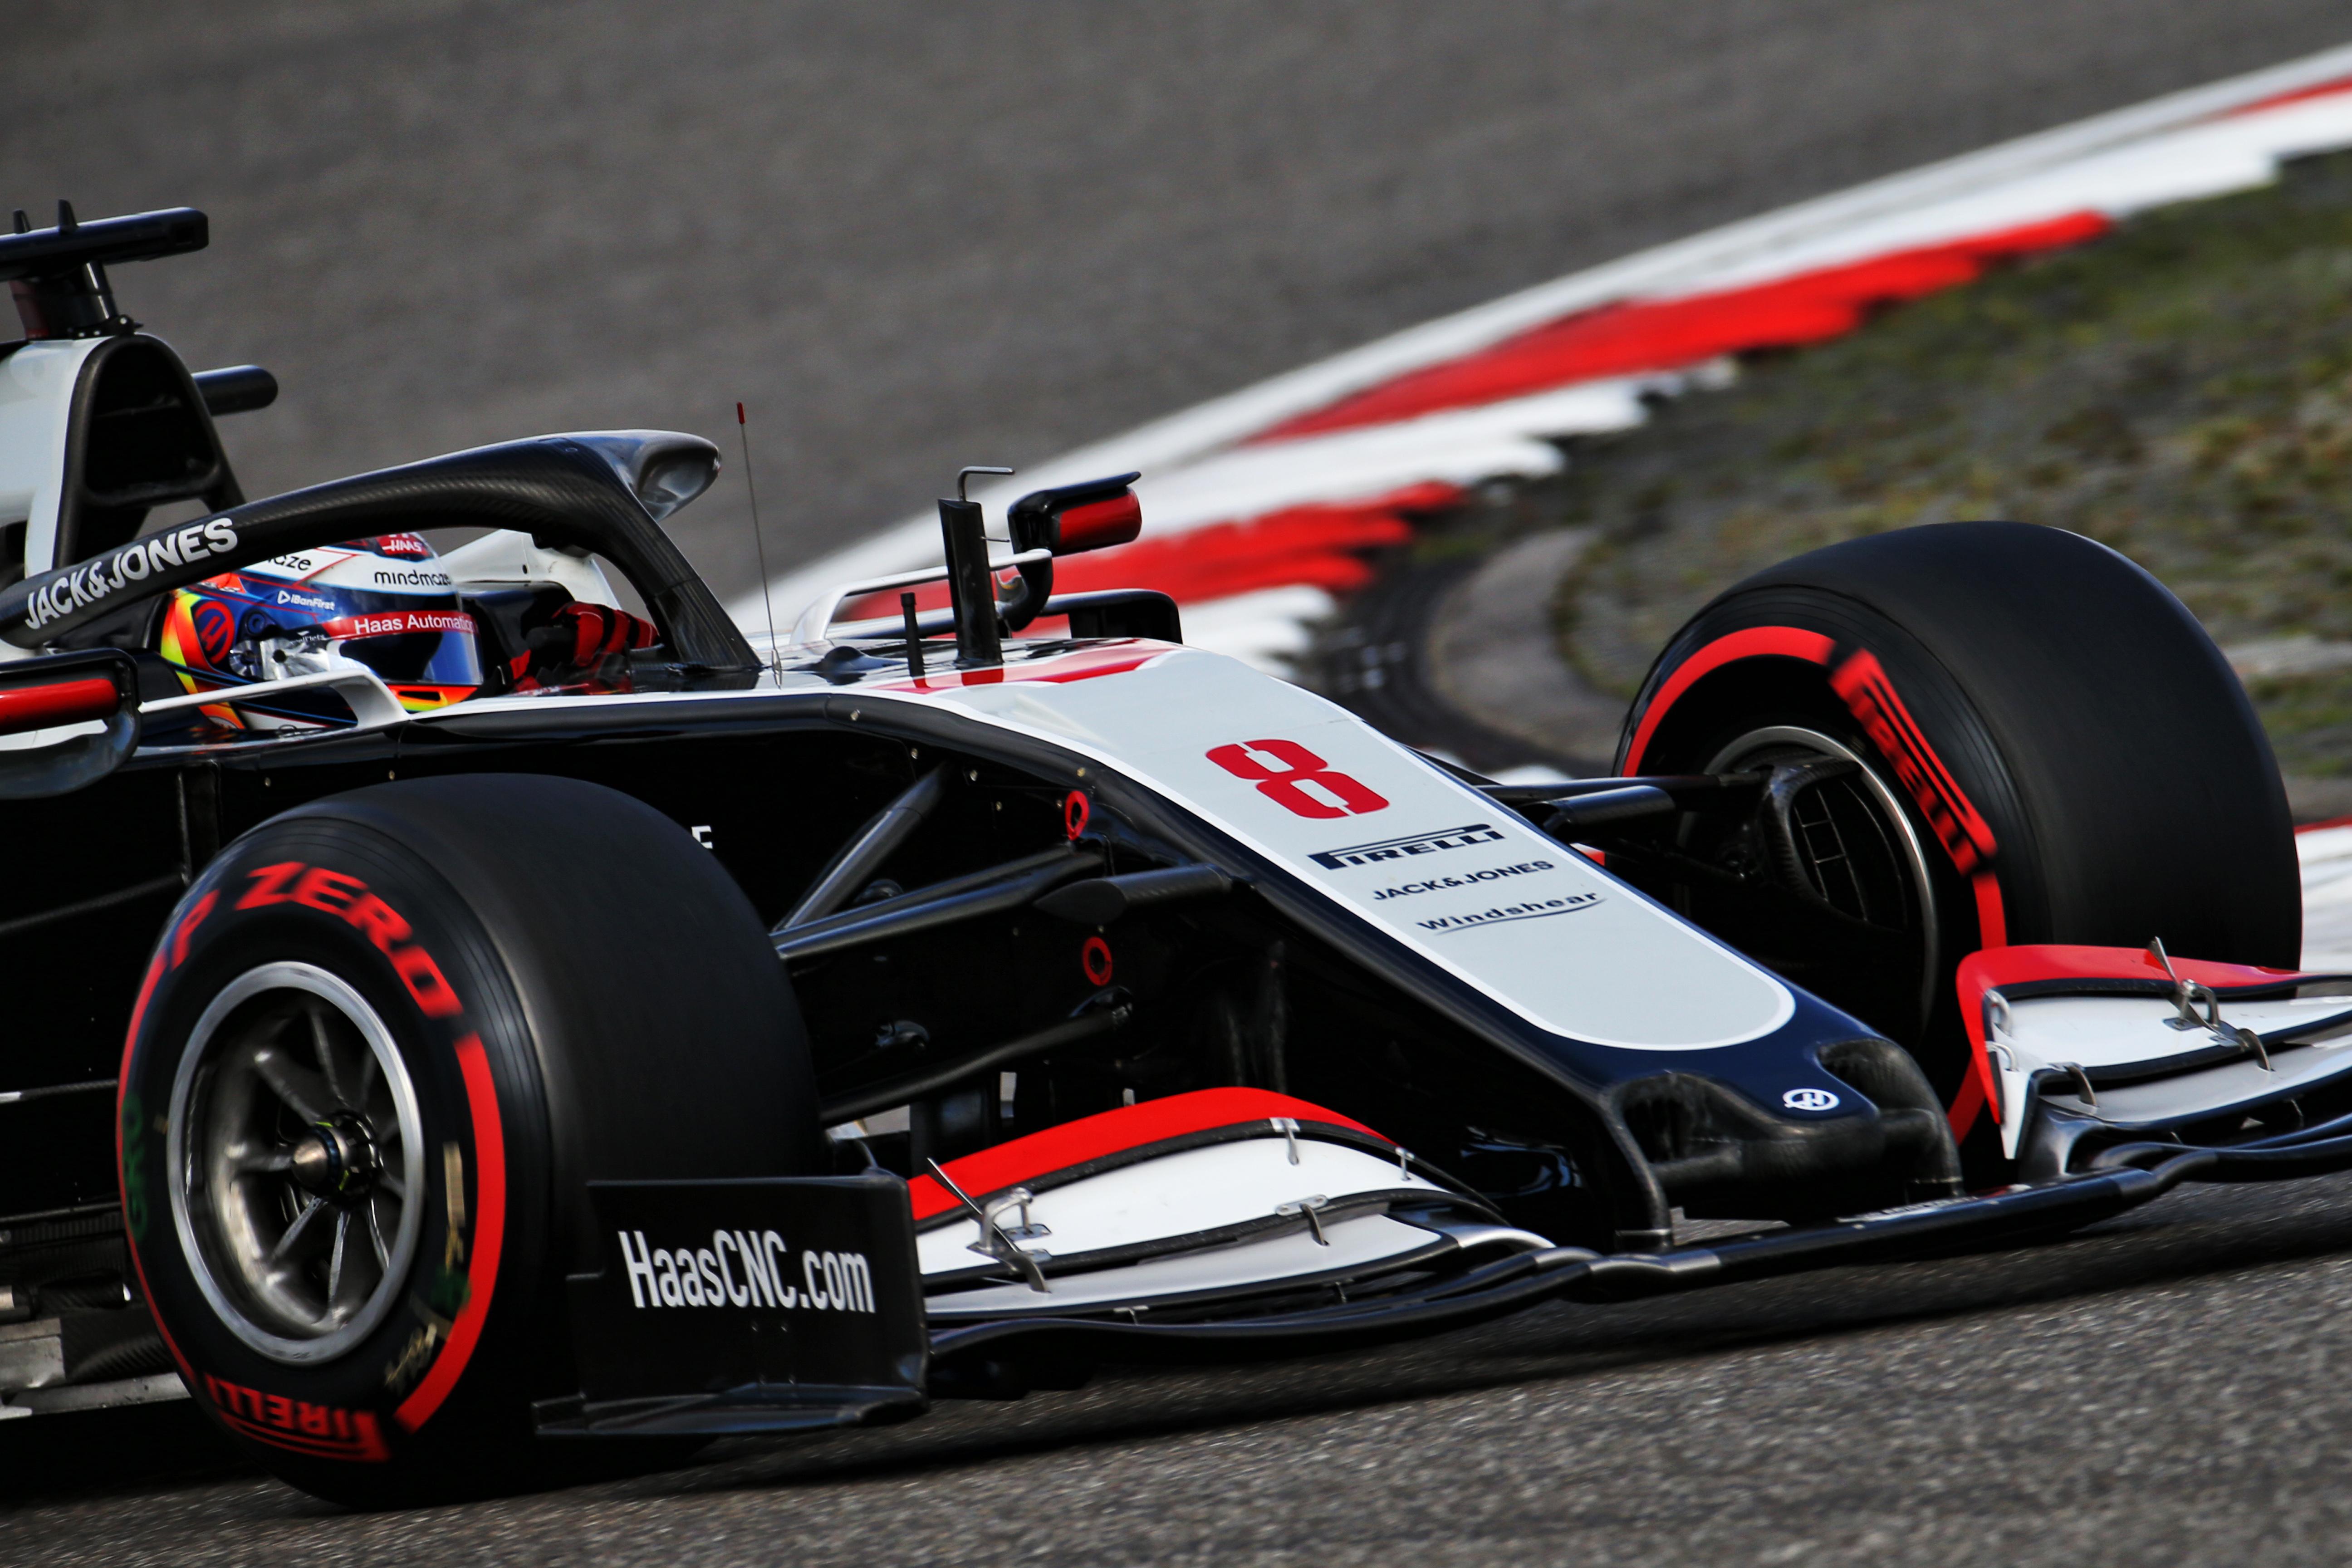 Romain Grosjean Haas F1 2020